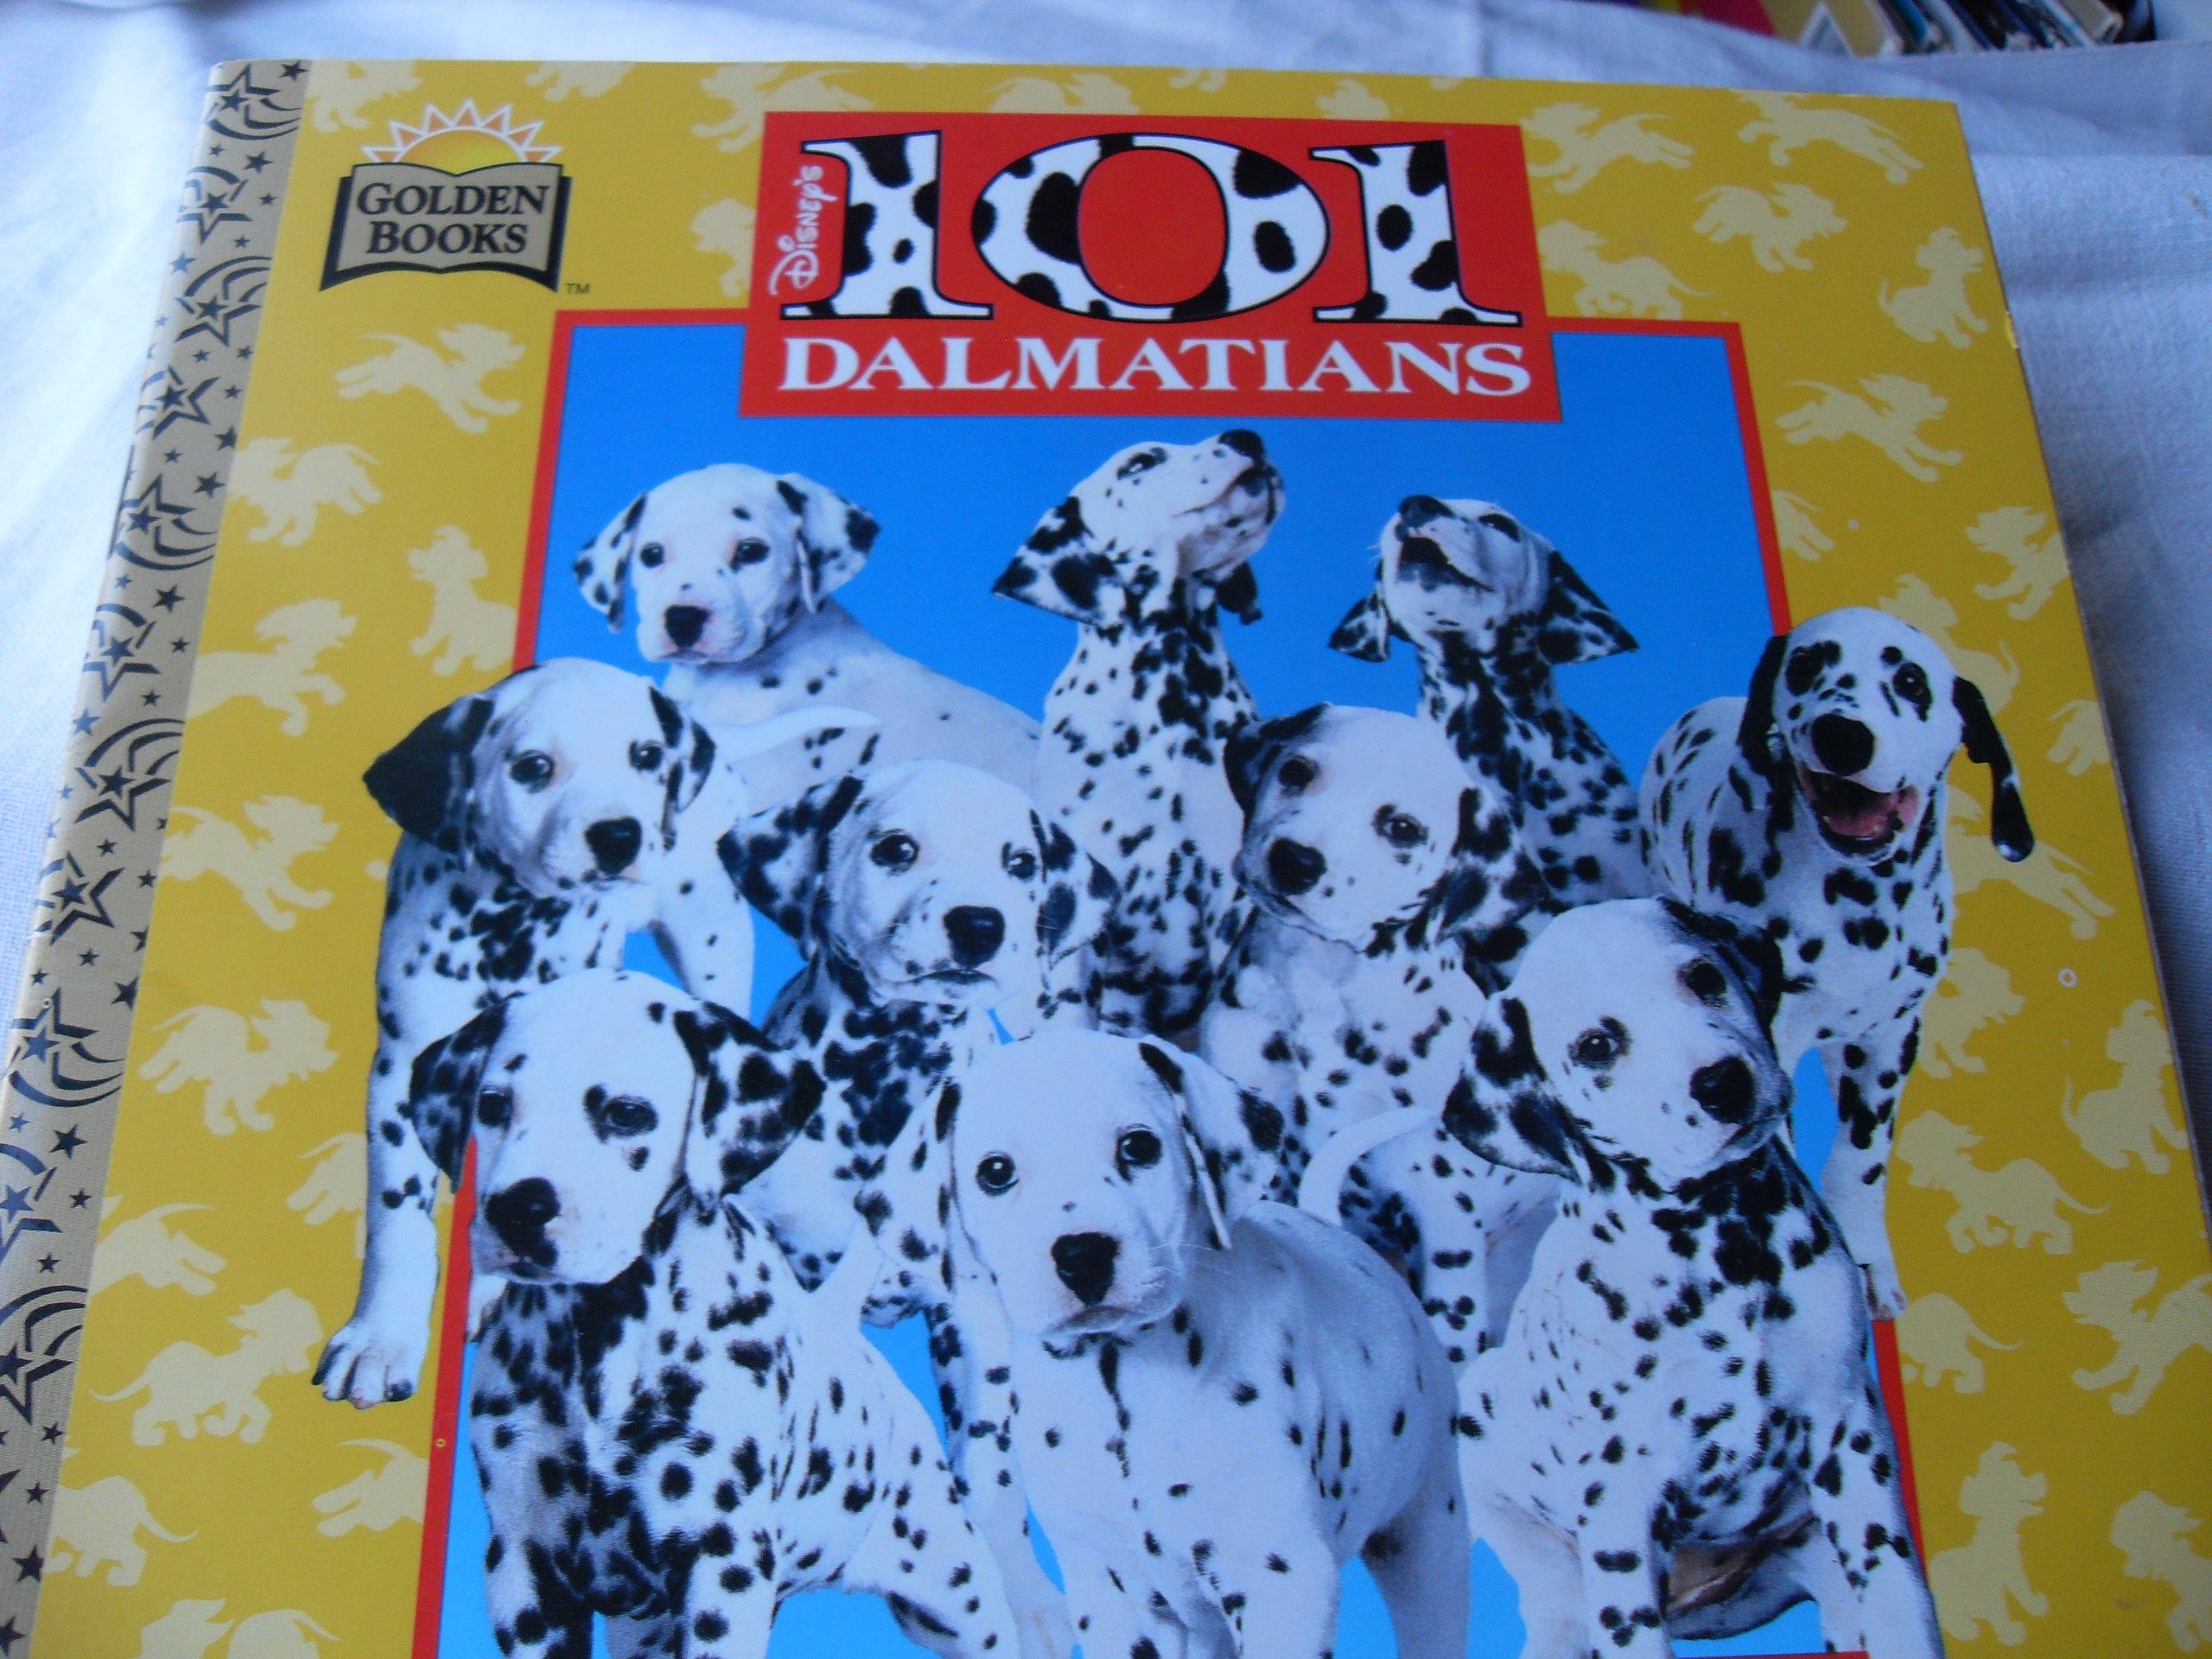 Disney S 101 Dalmatians Golden Books Mann P Z 9780307128423 Amazon Com Books